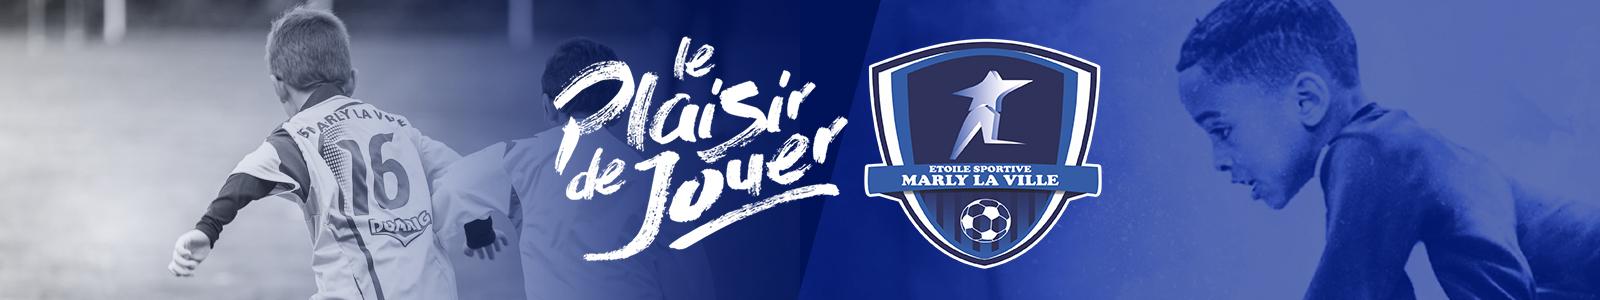 ESMARLY LA VILLE : site officiel du club de foot de MARLY LA VILLE - footeo